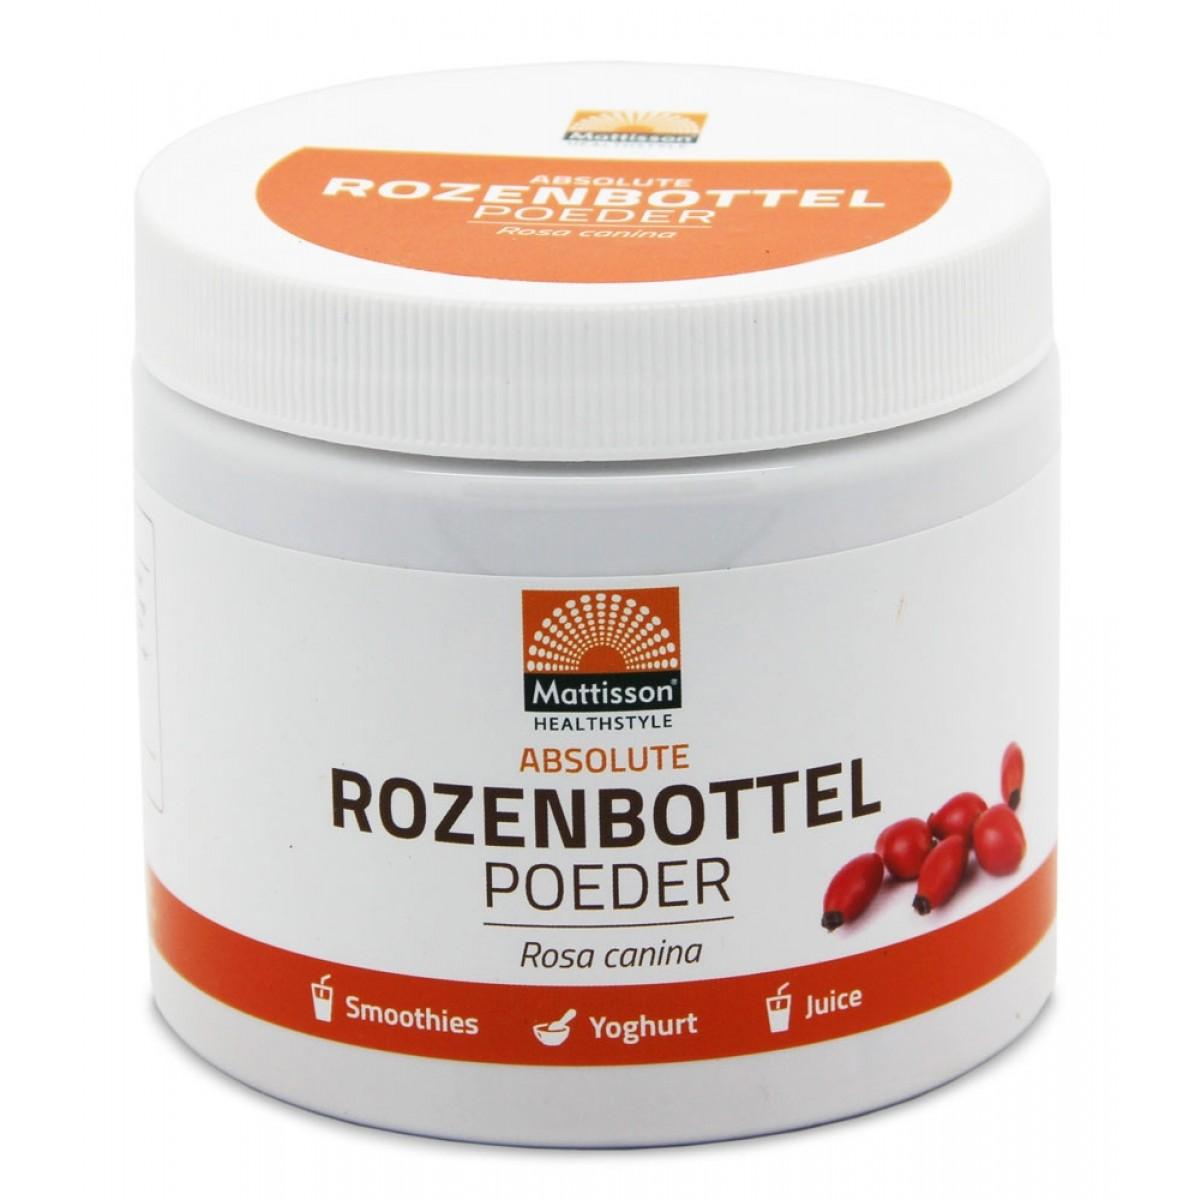 Rozenbottel Poeder